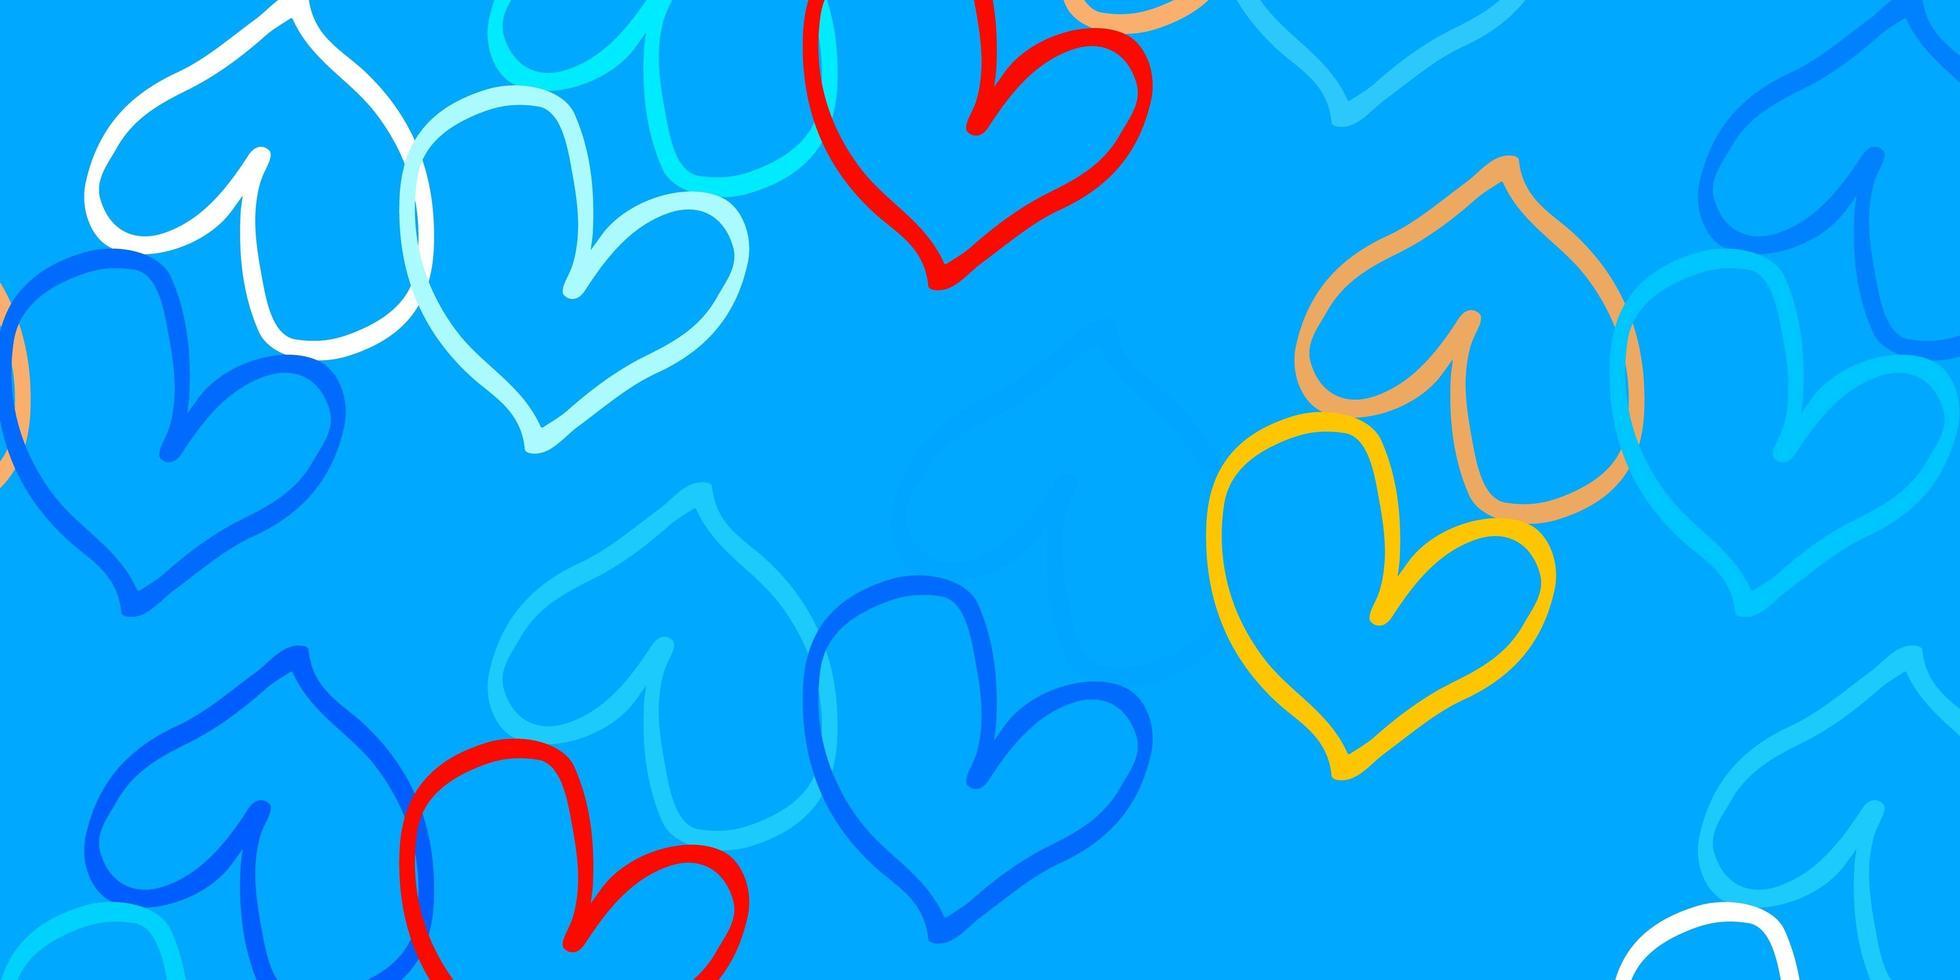 lichtblauwe, gele vectorachtergrond met glanzende harten. vector